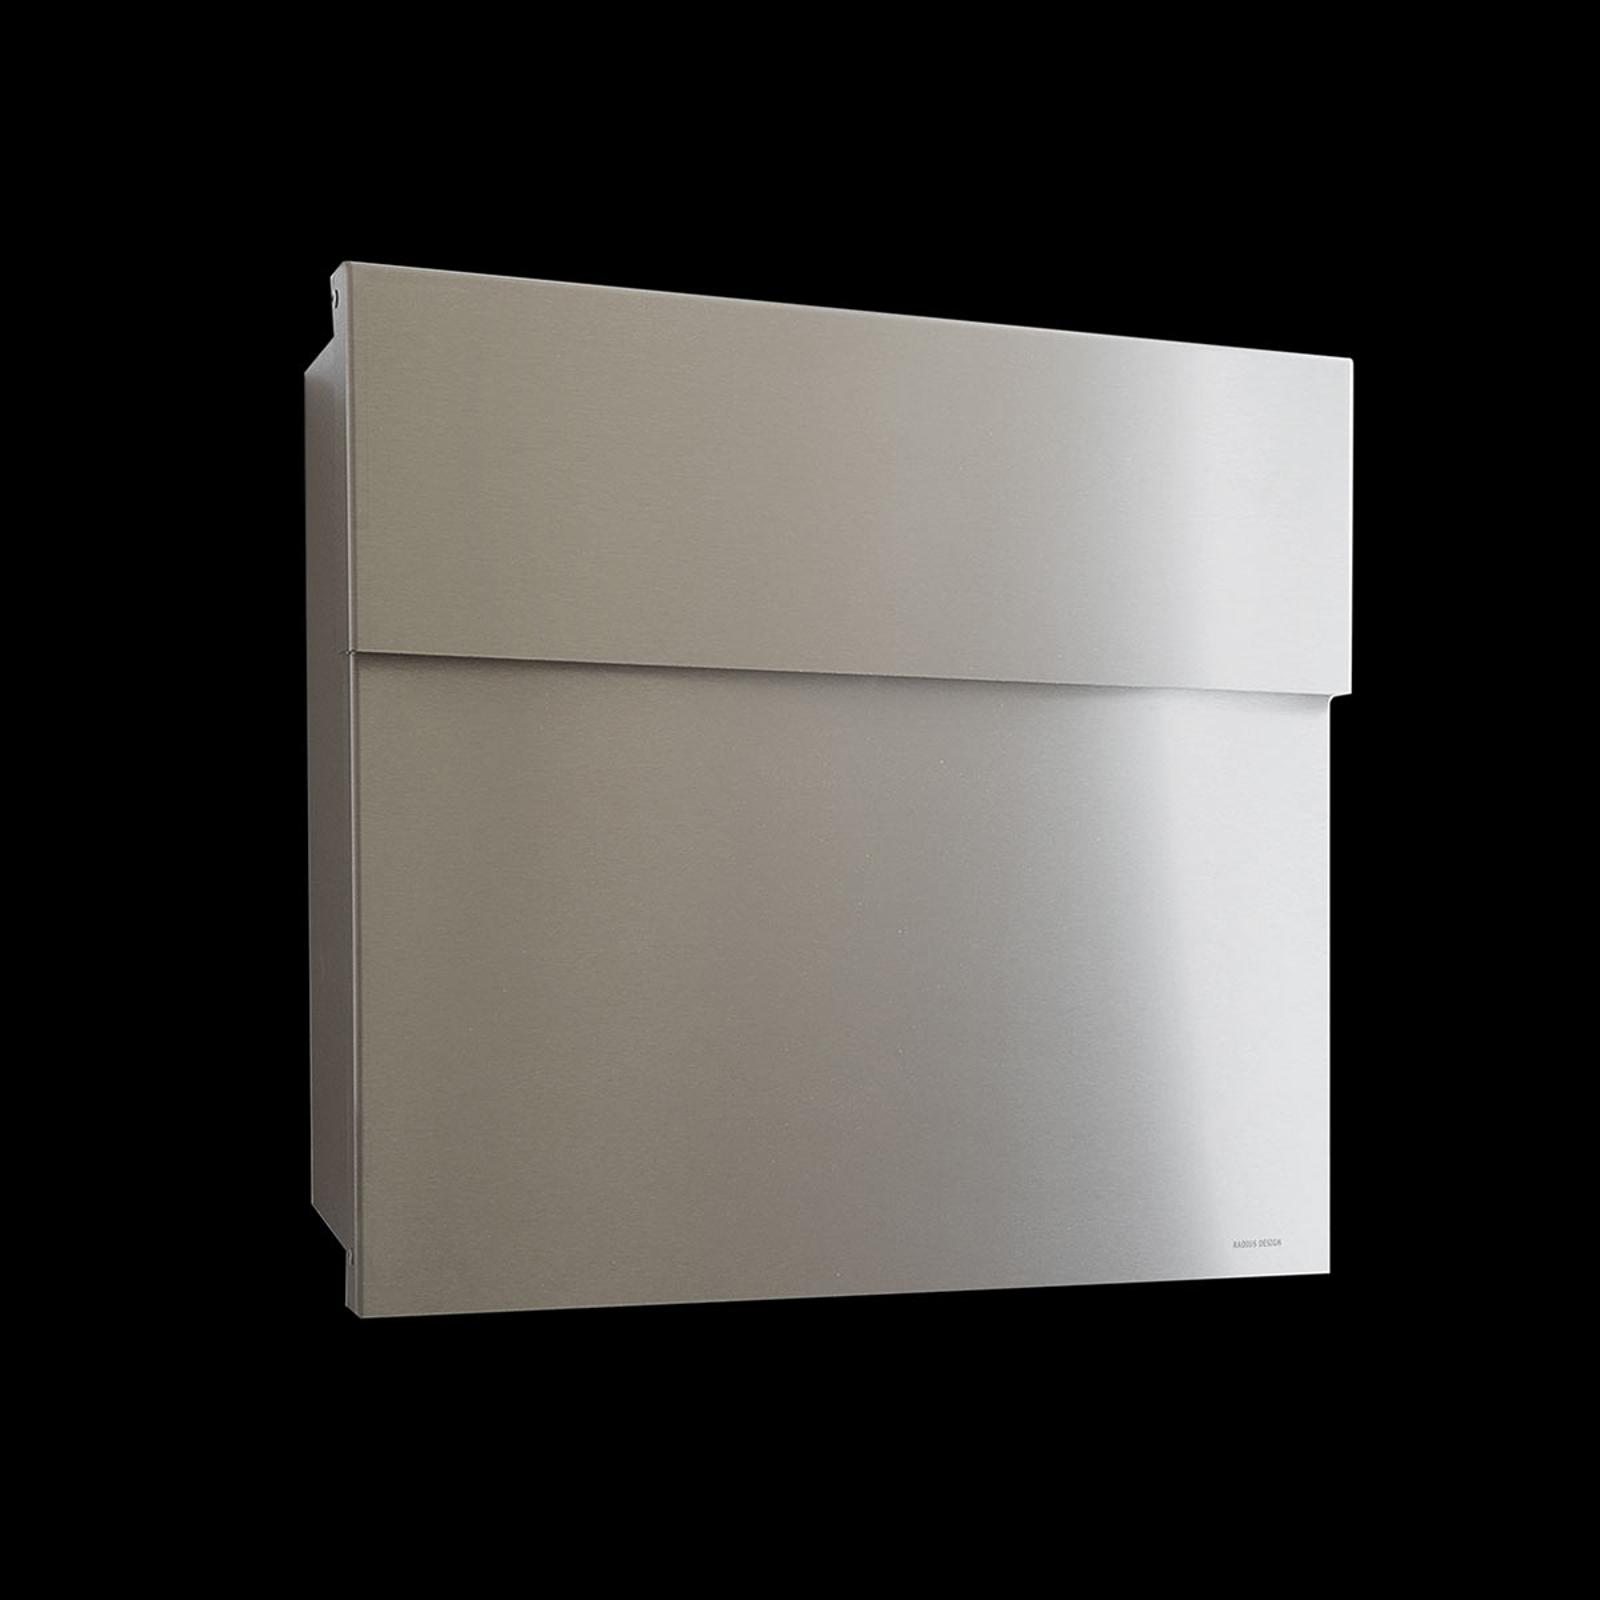 Letterman IV designer letterbox, stainless steel_1057029_1